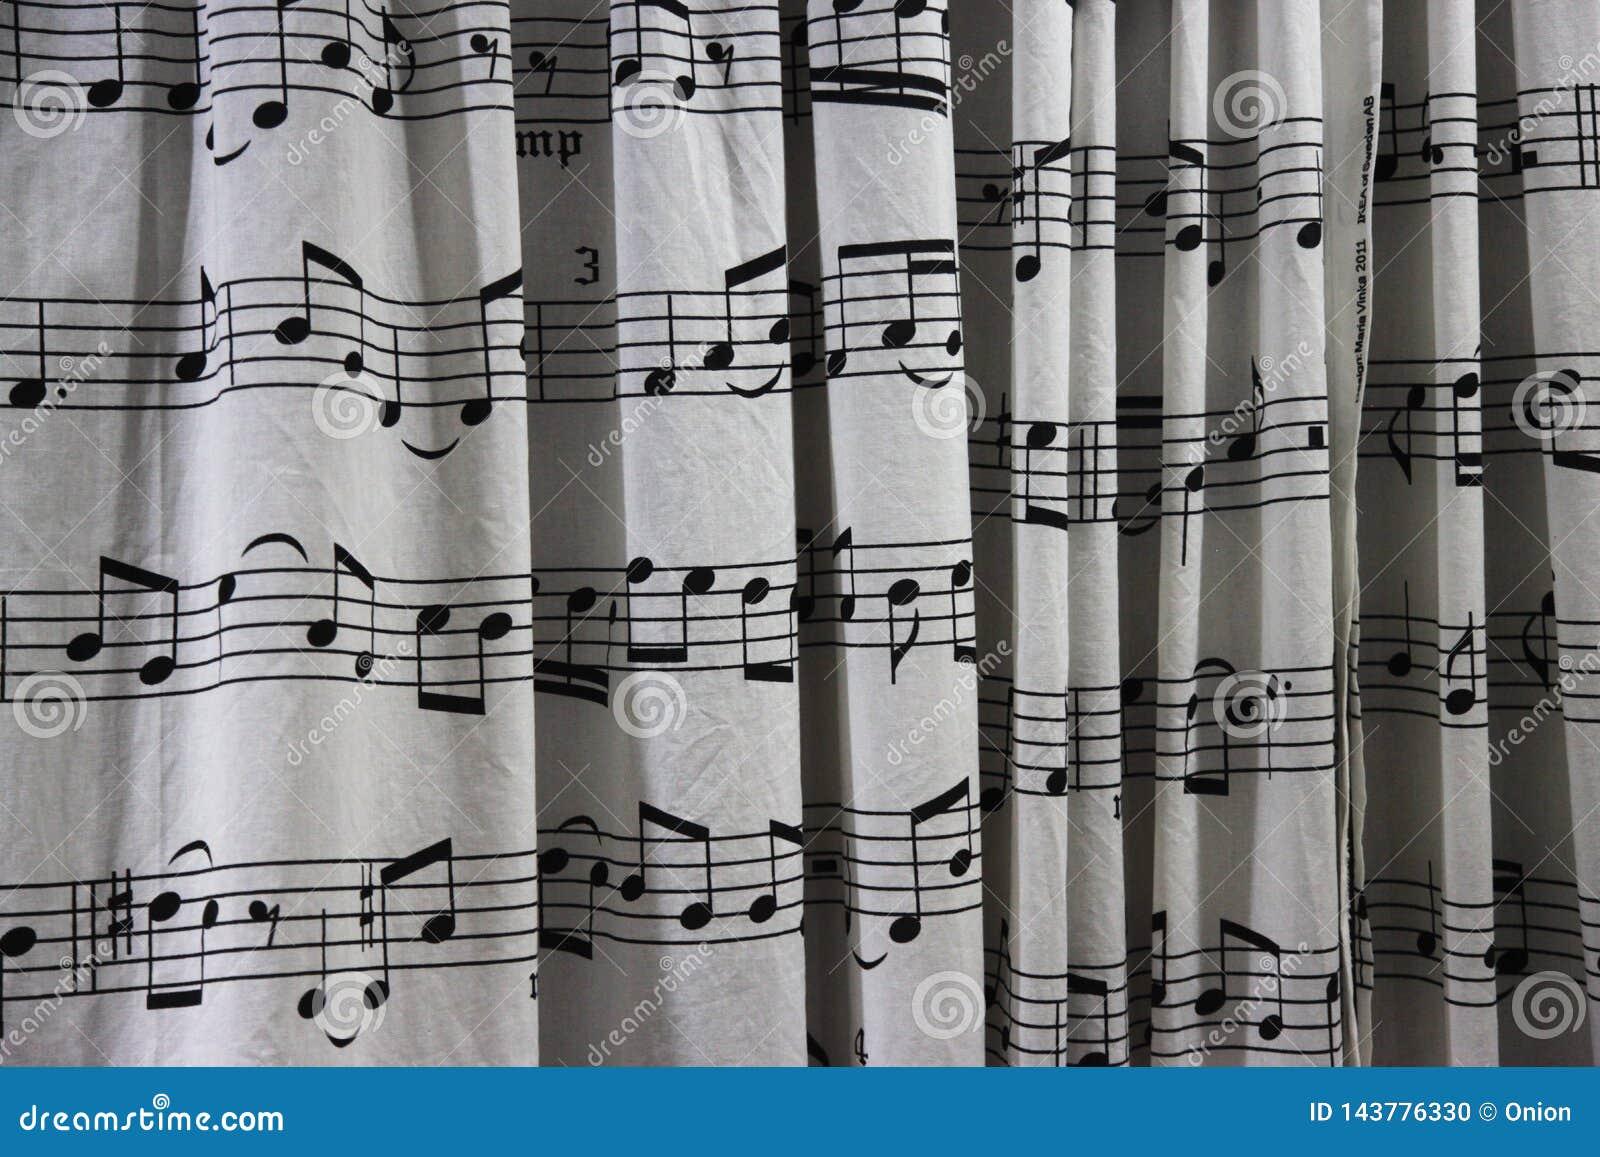 Cortina de ducha con una hoja de la partitura musical impresa en ella